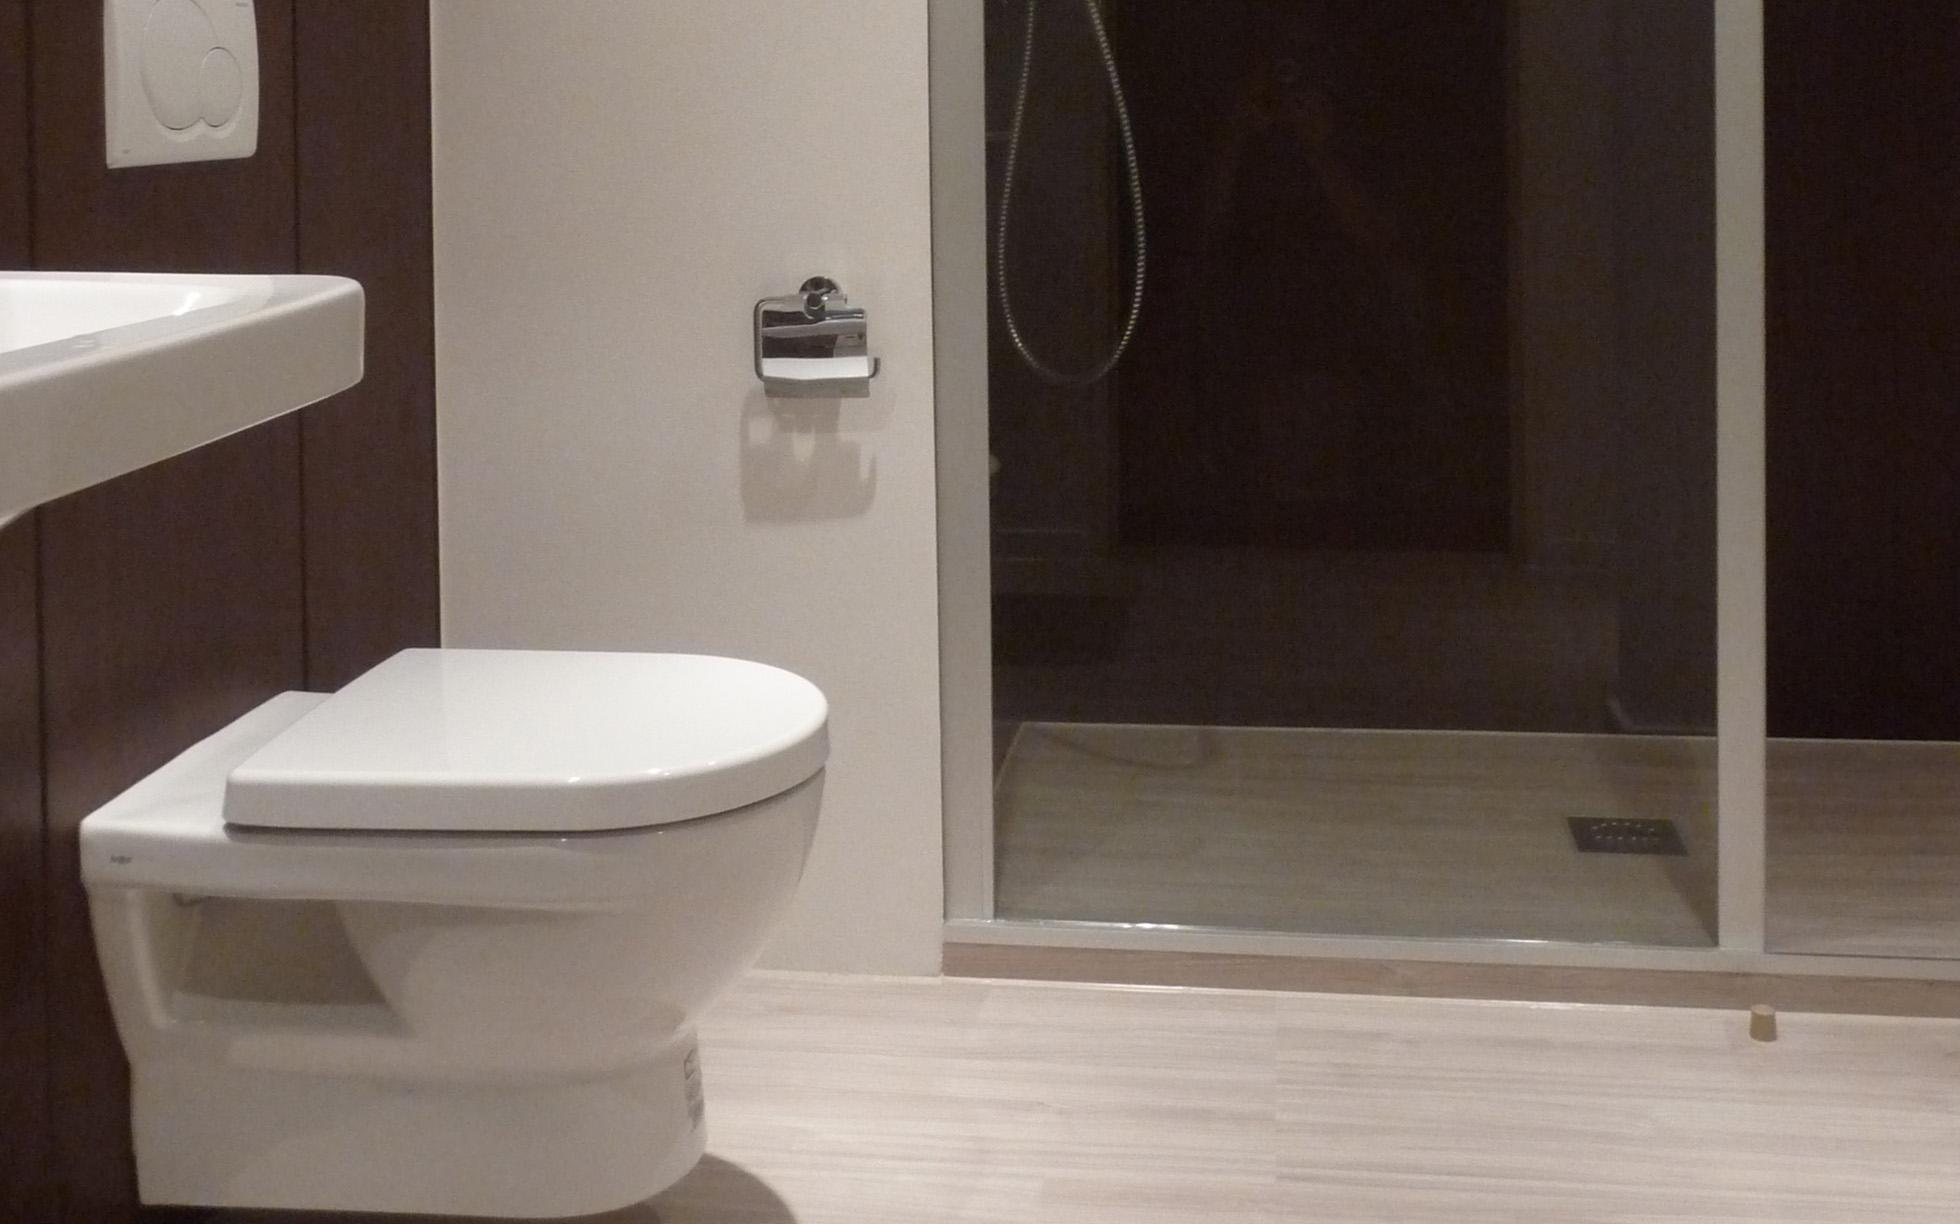 Container ausstattungen badezimmer for Badezimmer ausstattung